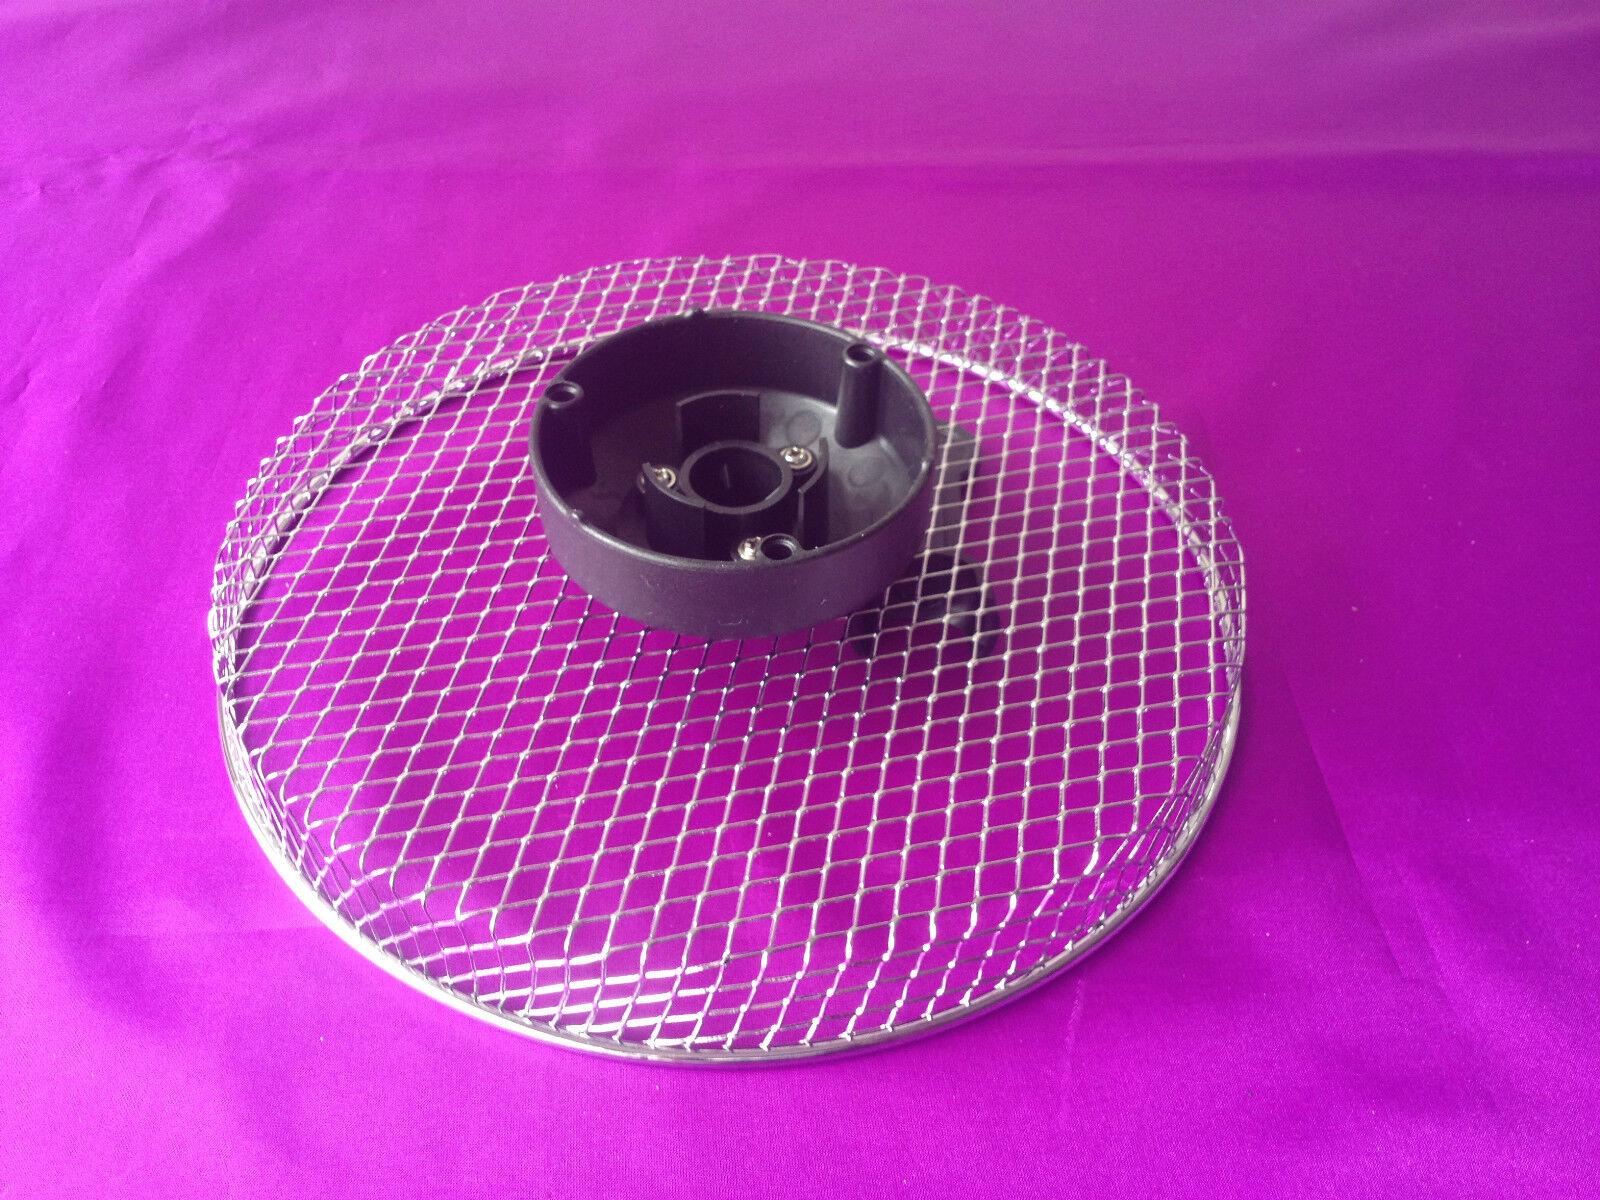 Seb Actifry Snacking Basket For Most 1kg and 1.2kg Models